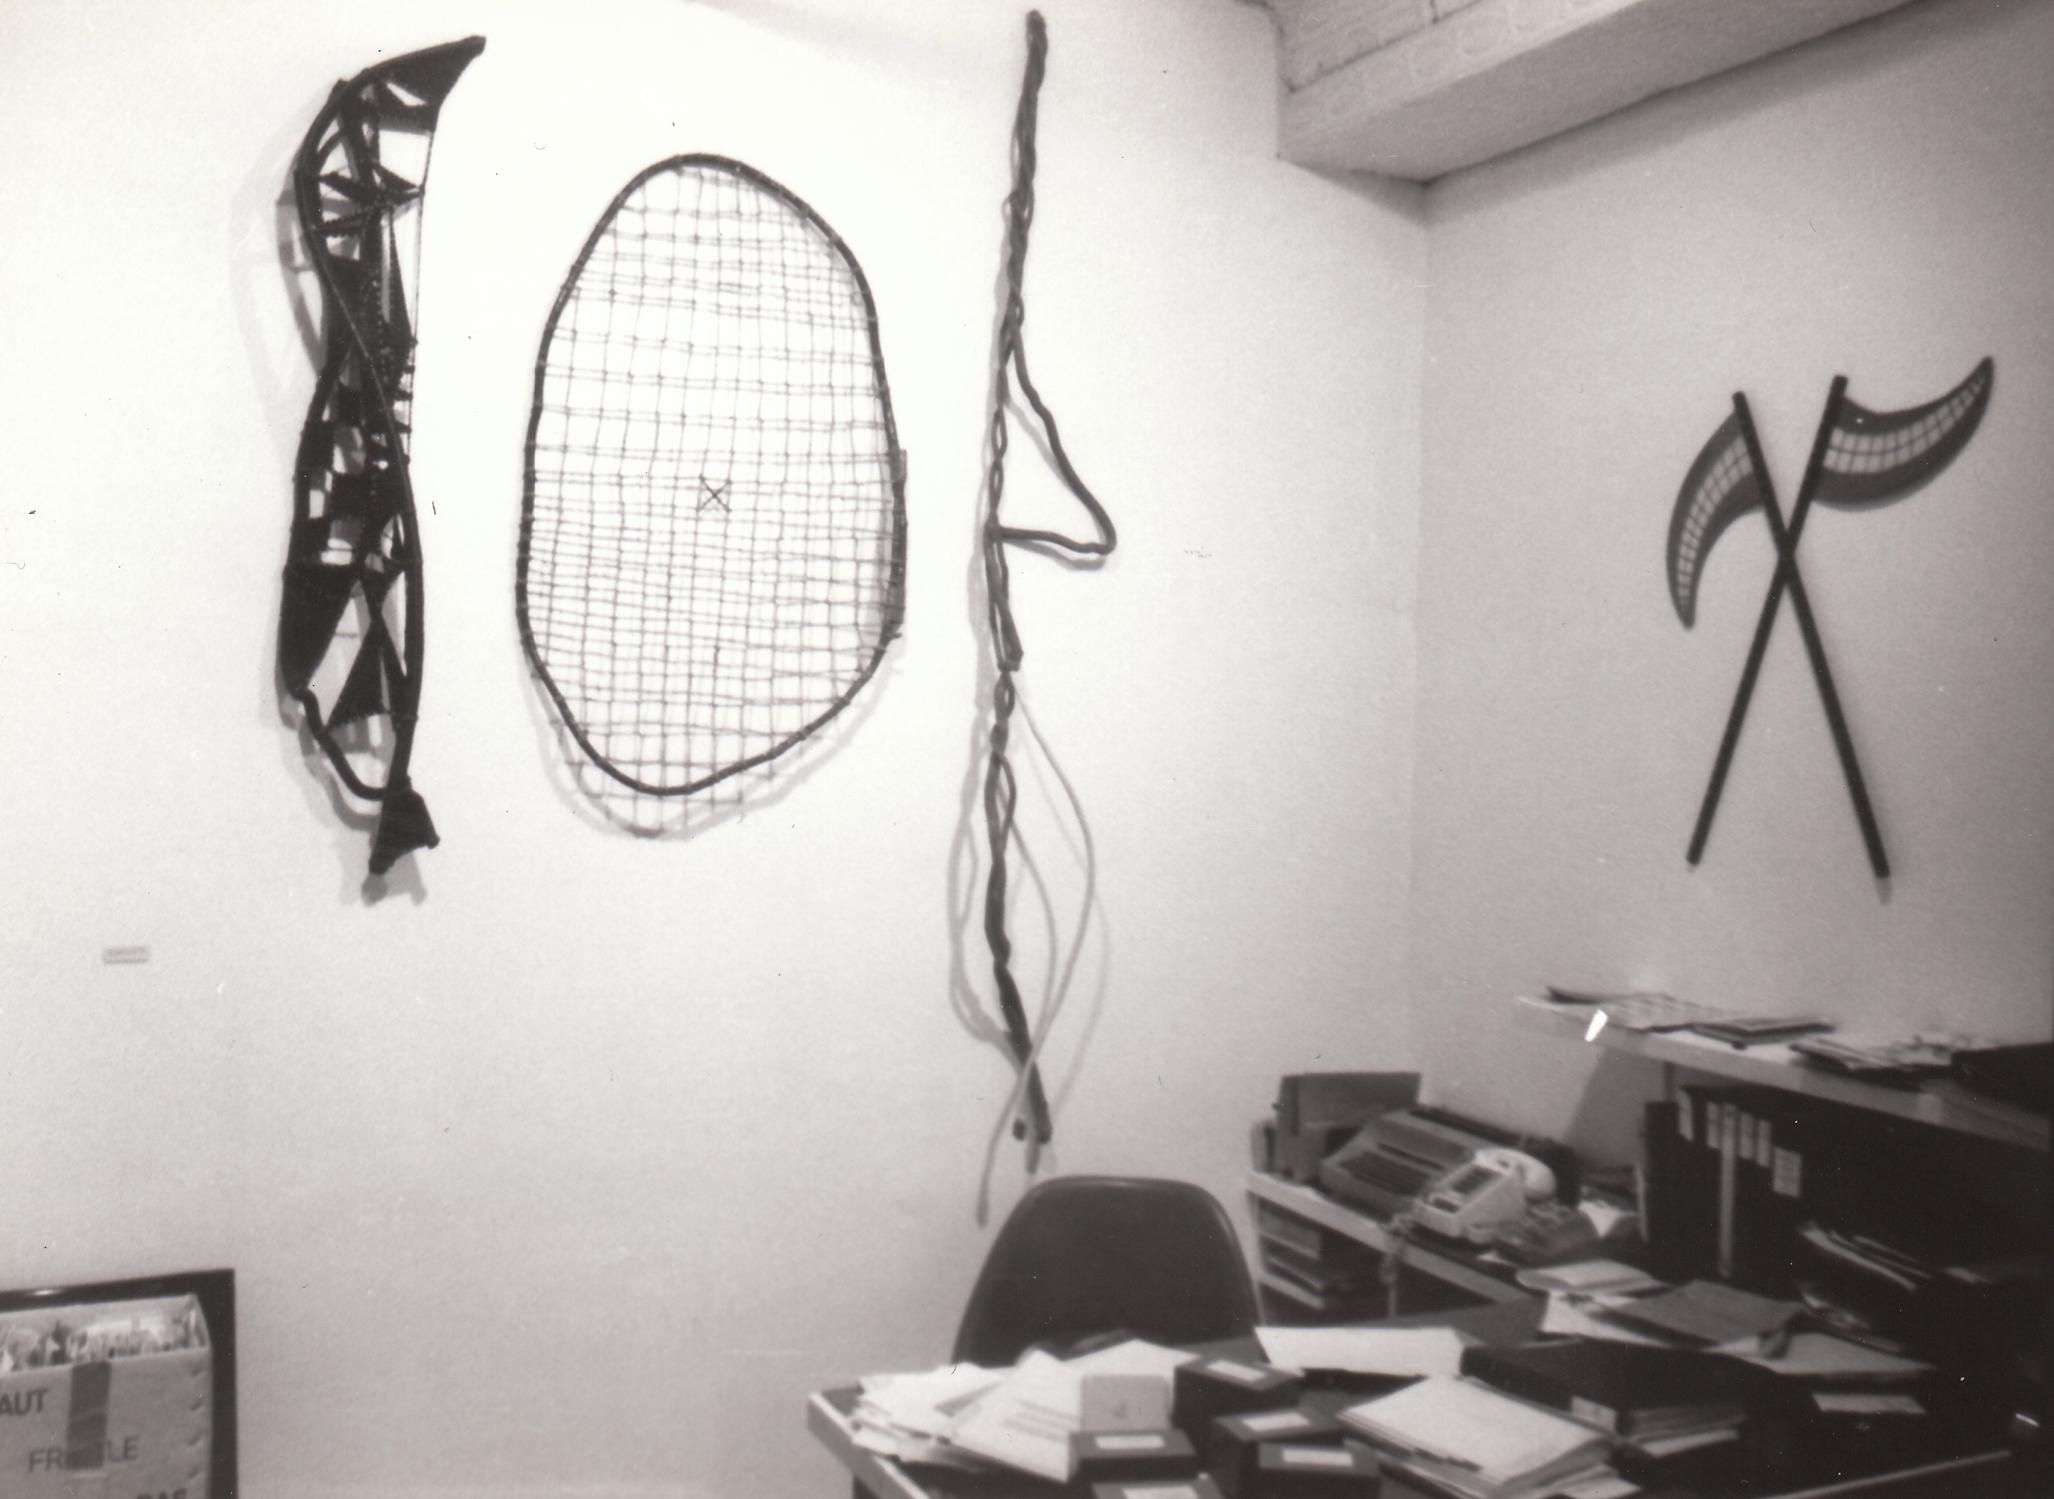 1980 Phyllis Kind Gallery NYC _0009.jpg